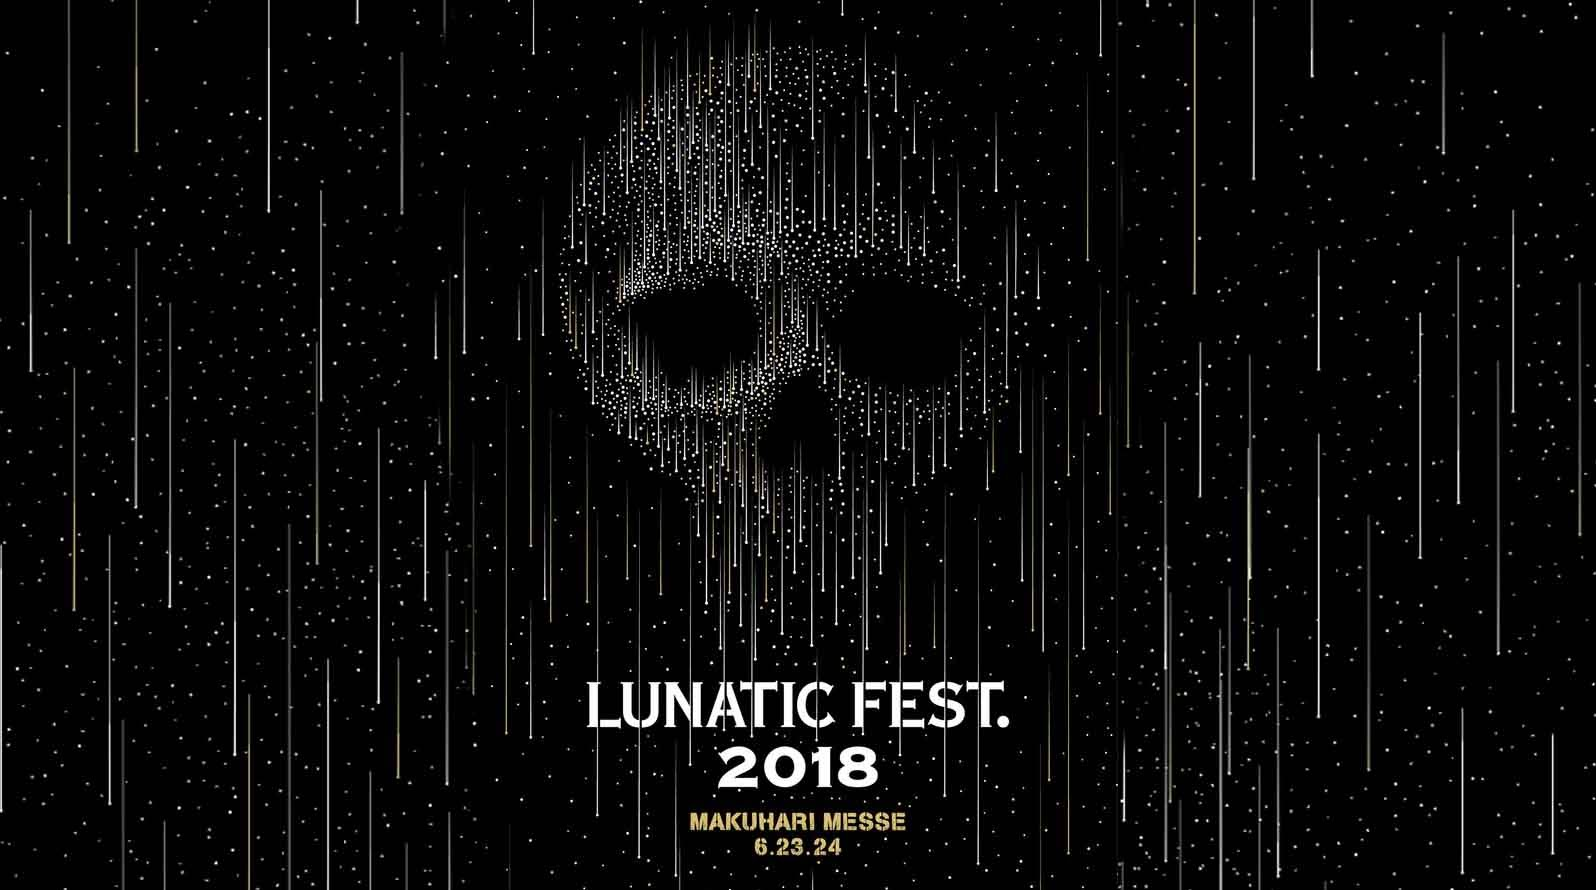 LUNATIC FEST. 2018 公佈會場設計 VIP票可享藝人同級美食